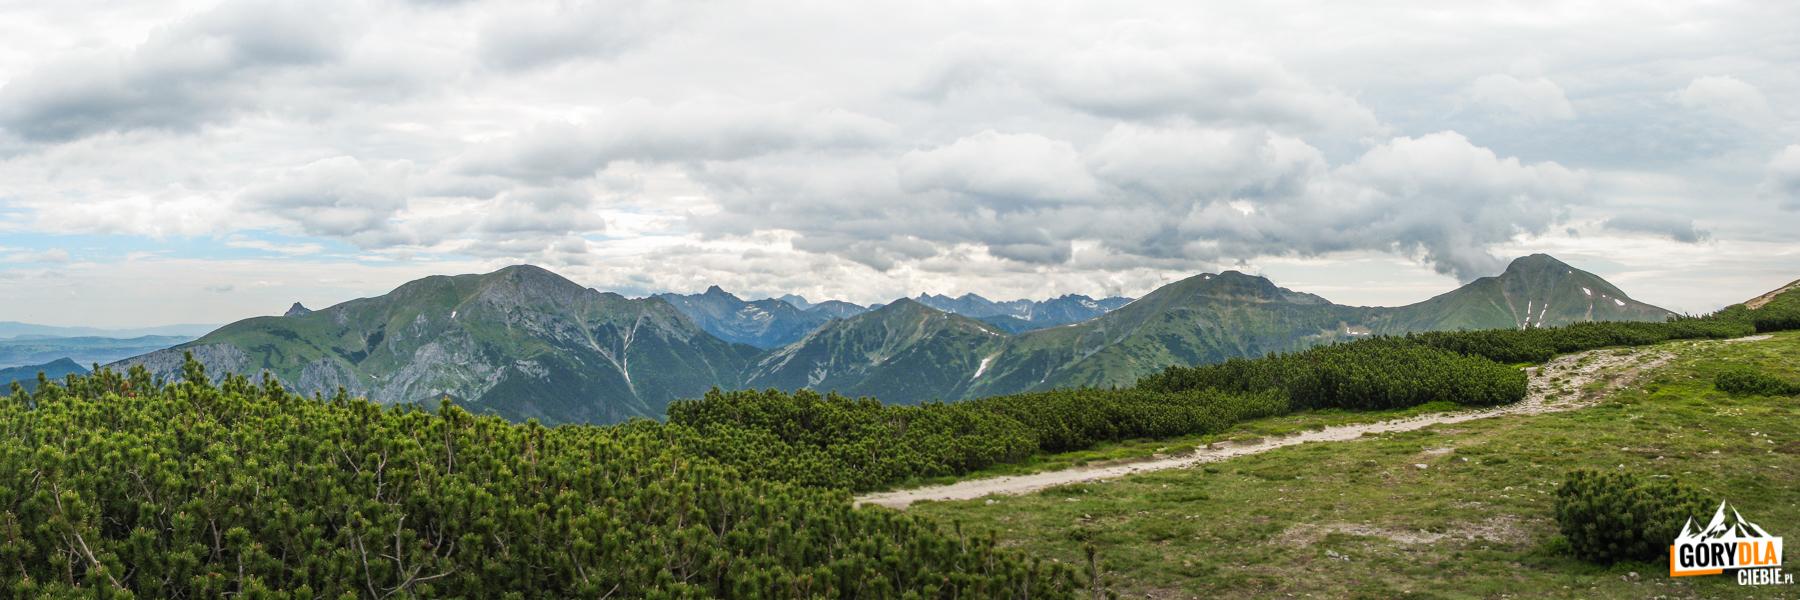 Widok zSuchego Wierchu Ornaczańskiego (1832 m) - odlewej: szczyt Giewontu (1895 m), Ciemniak (2096 m), Swinica (2301 m), Tomanowy Wierch (1977 m), Smreczyński Wierch (2068 m) iKamienista (2126 m)